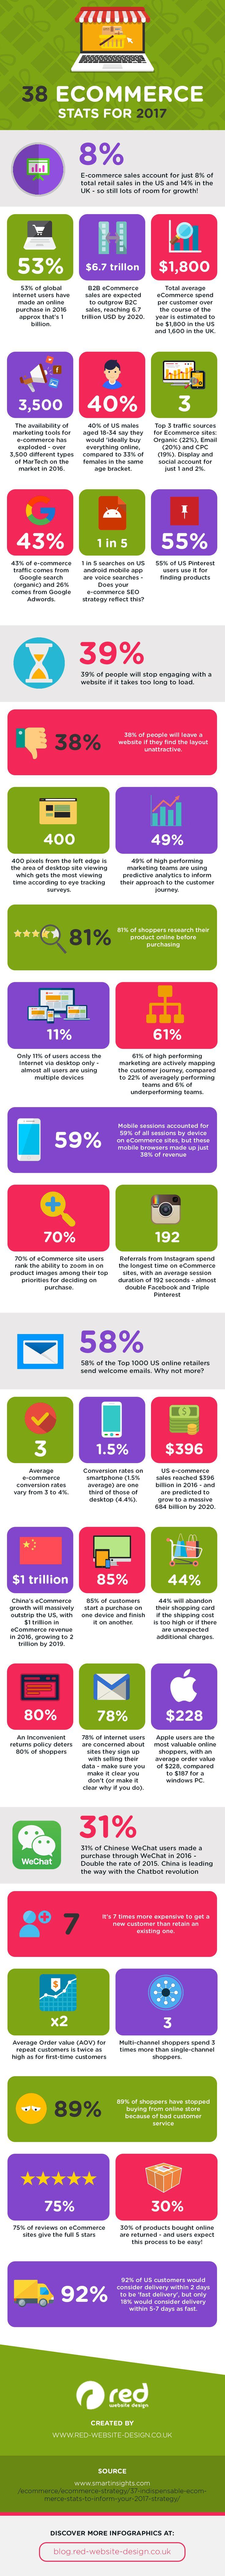 Die wichtigsten Zahlen & Fakten zum E-Commerce 2017